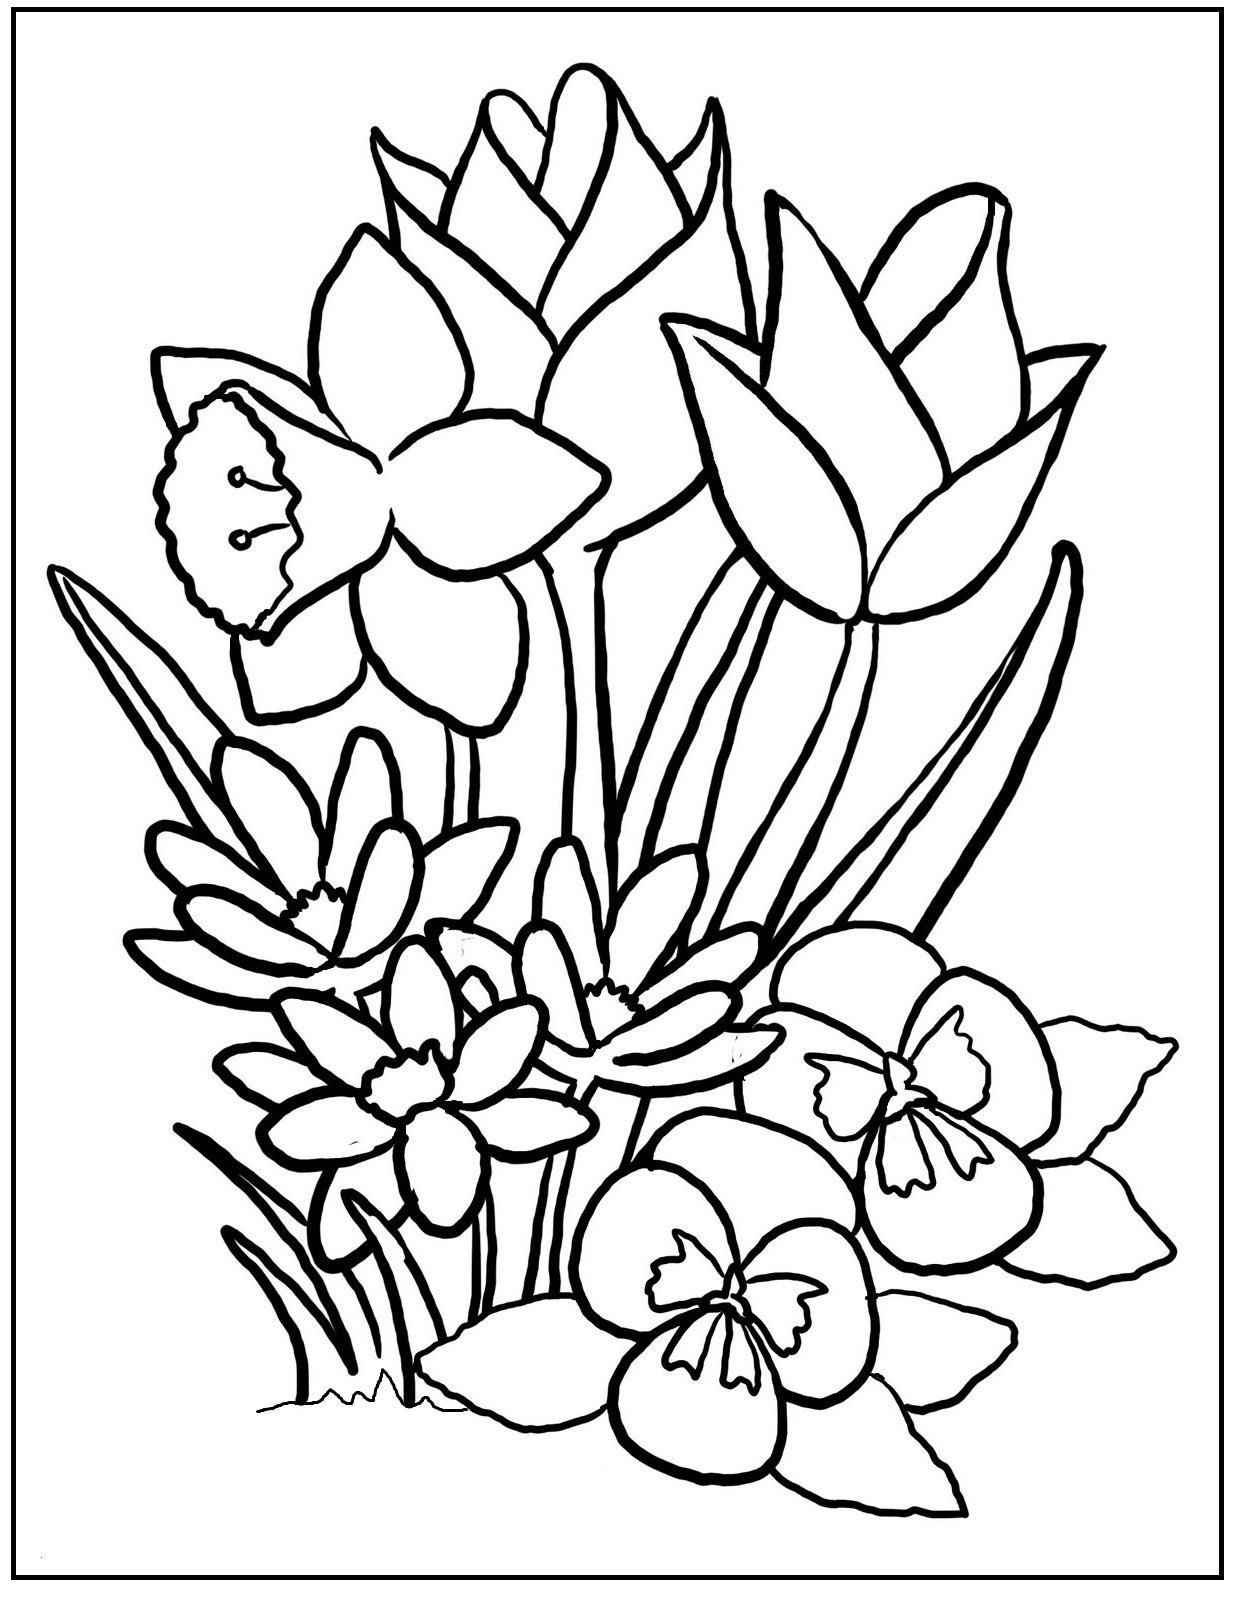 Malvorlagen Blumen Rosen Einzigartig Malvorlagen Rosen Inspirierend 40 Ausmalbilder Rosen Scoredatscore Das Bild